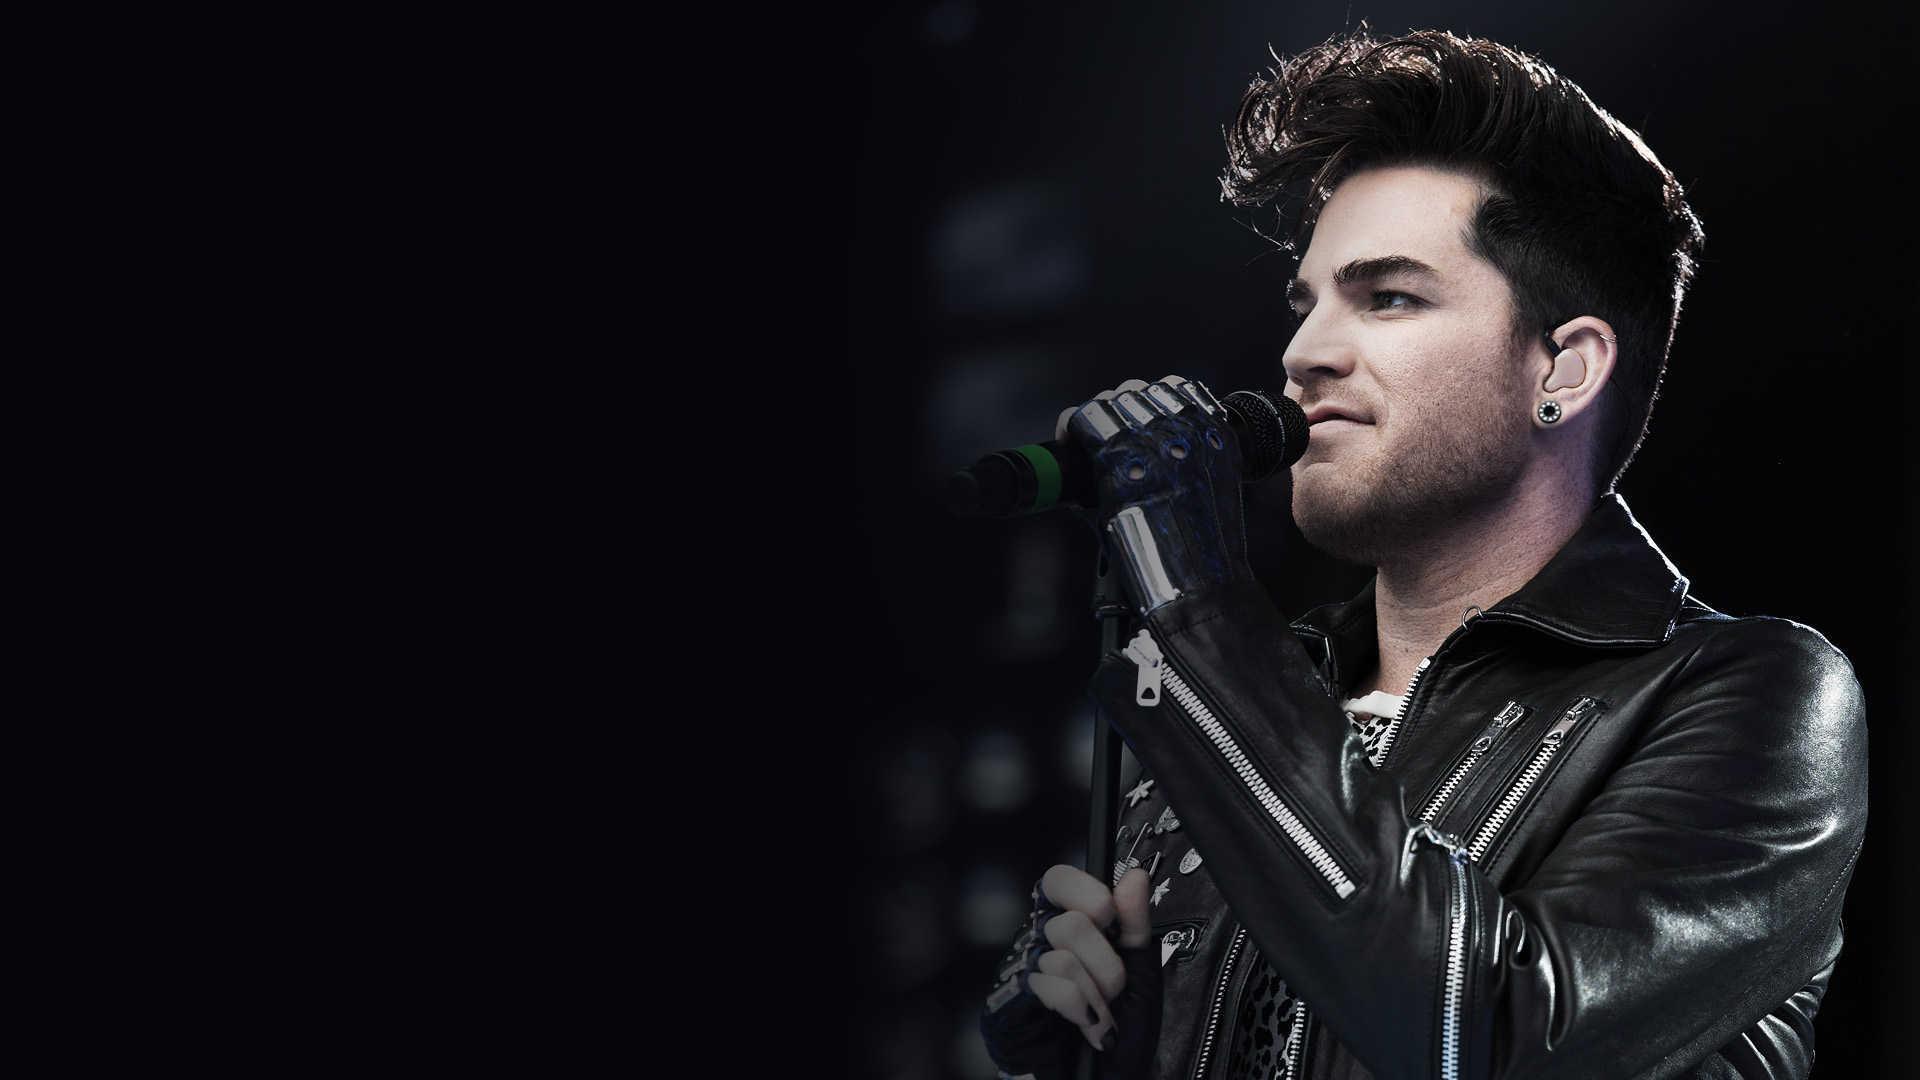 Adam Lambert Singer Wallpaper 59684 1920x1080px 1920x1080